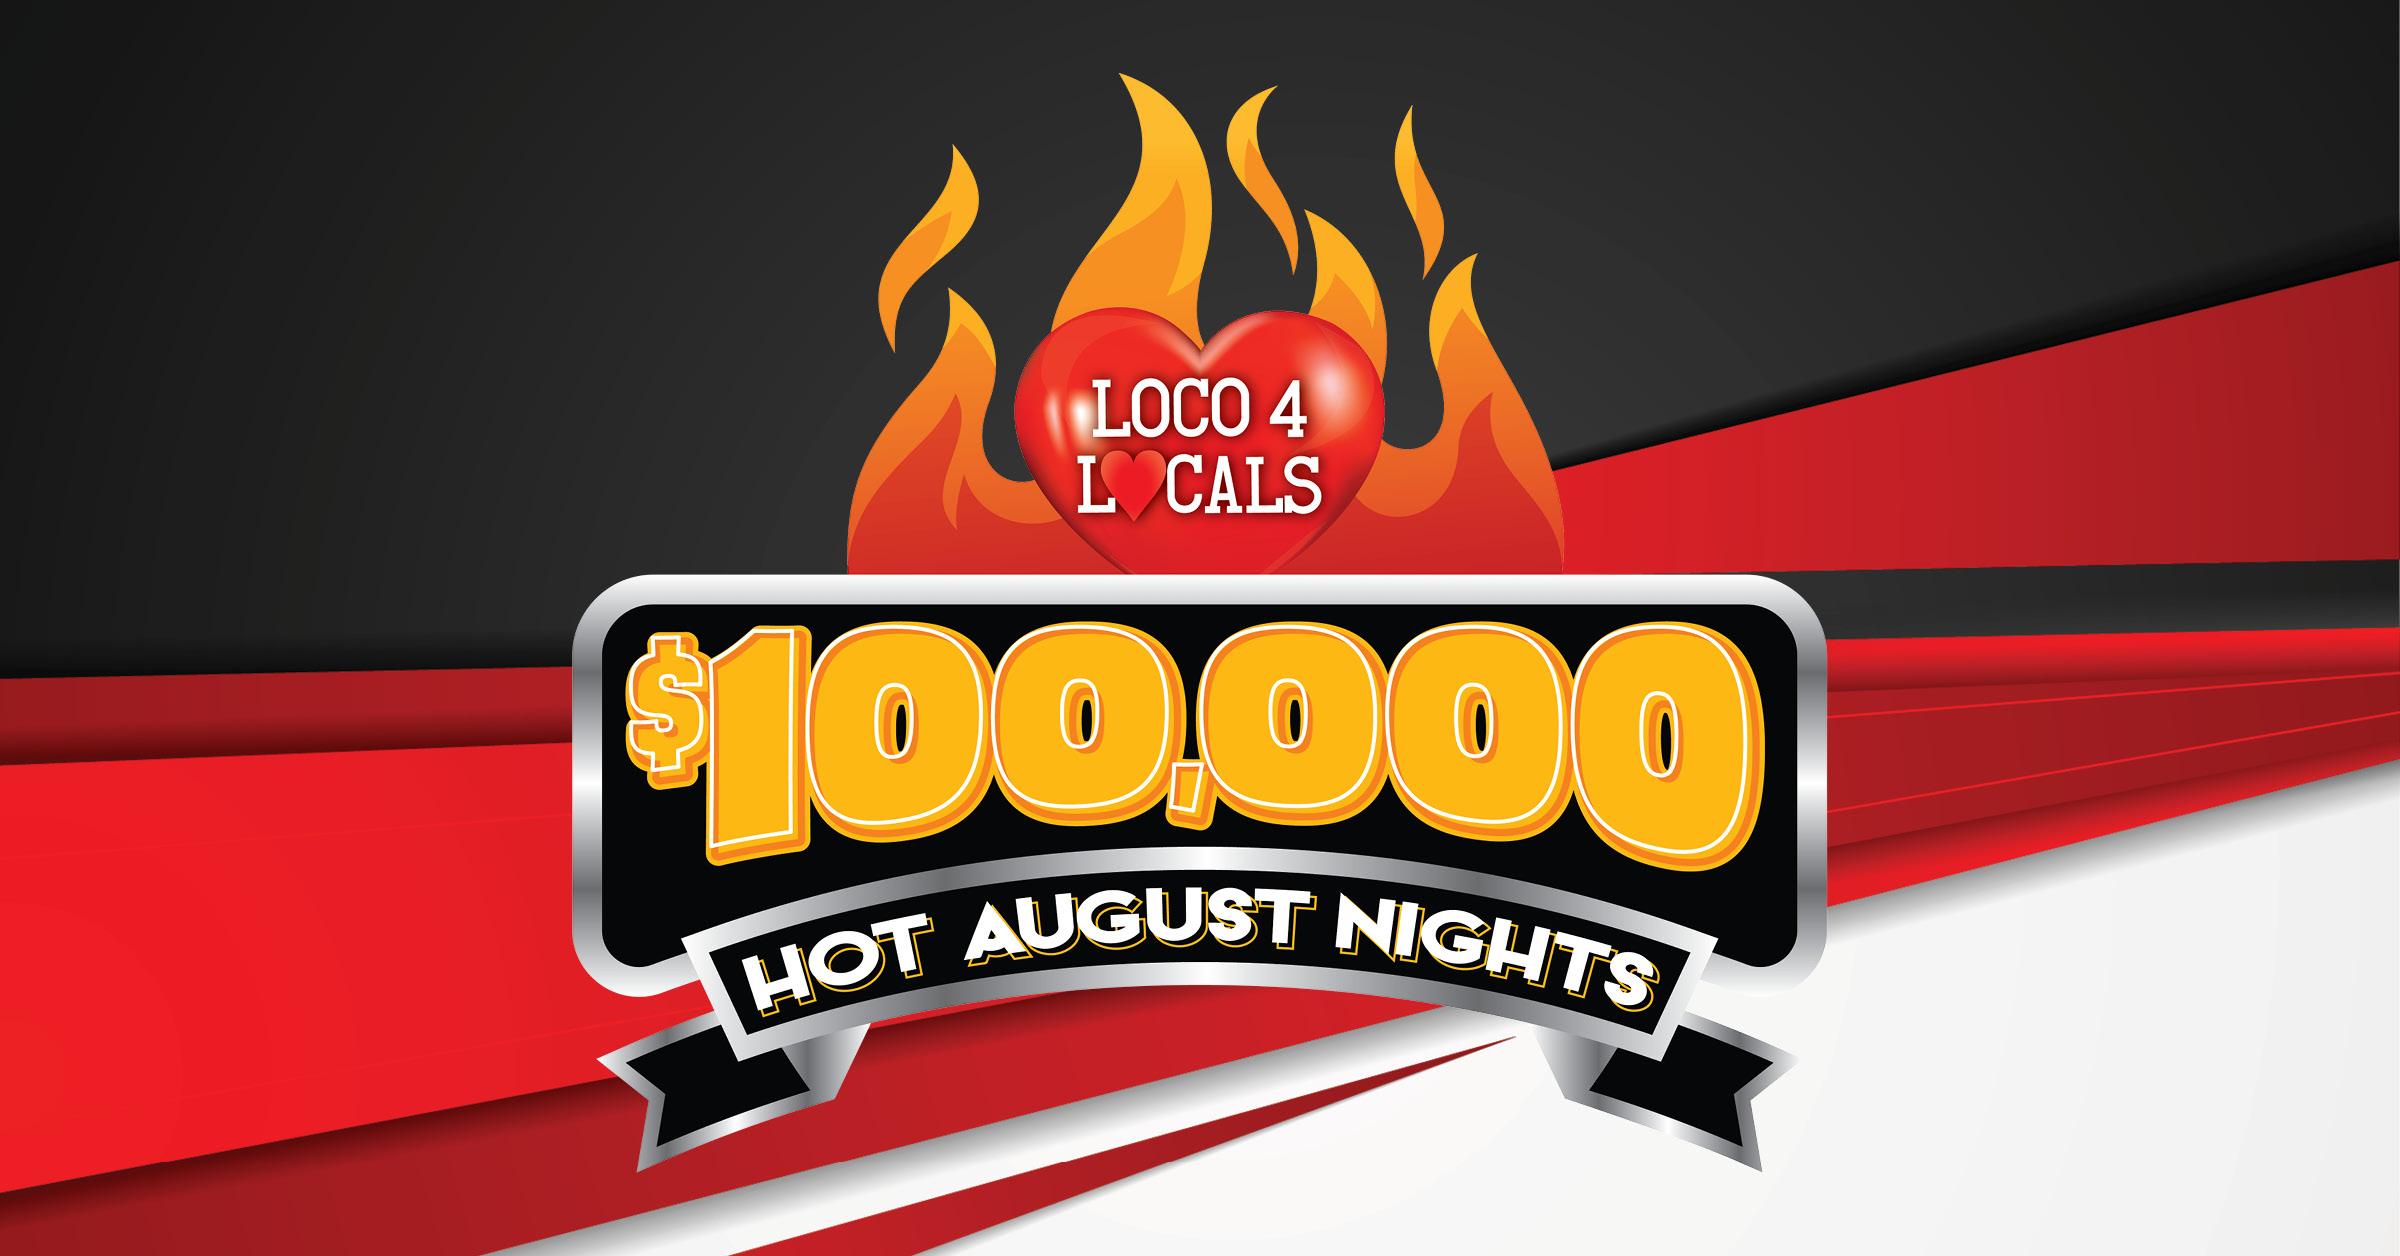 Loco 4 Locals - Hot August Nights